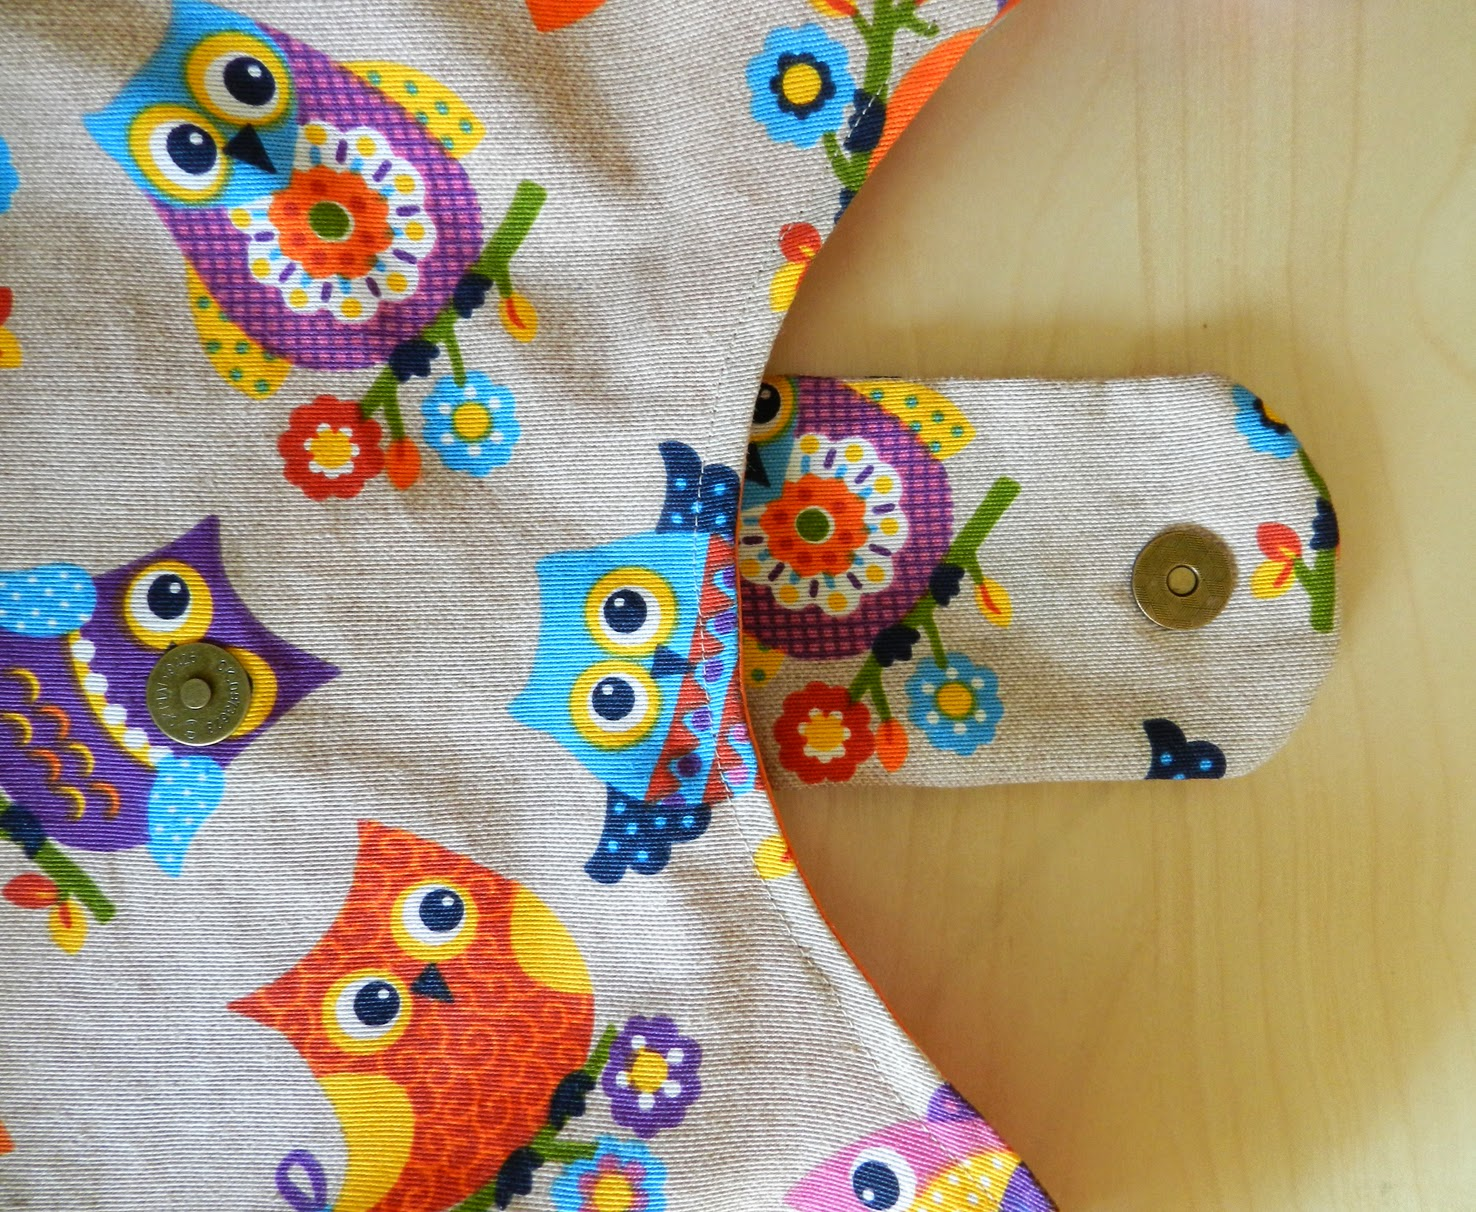 Bolso Fean, cose conmigo Rojo Ababol, patchwork, bolso patchwork, tela de búhos, búhos, día de la madre, cumpleaños, rregalo, ideas para reggalar, Navidad, amigo invisible, día de los enamorados, Creativa, craft, hecho a mano, handmade,